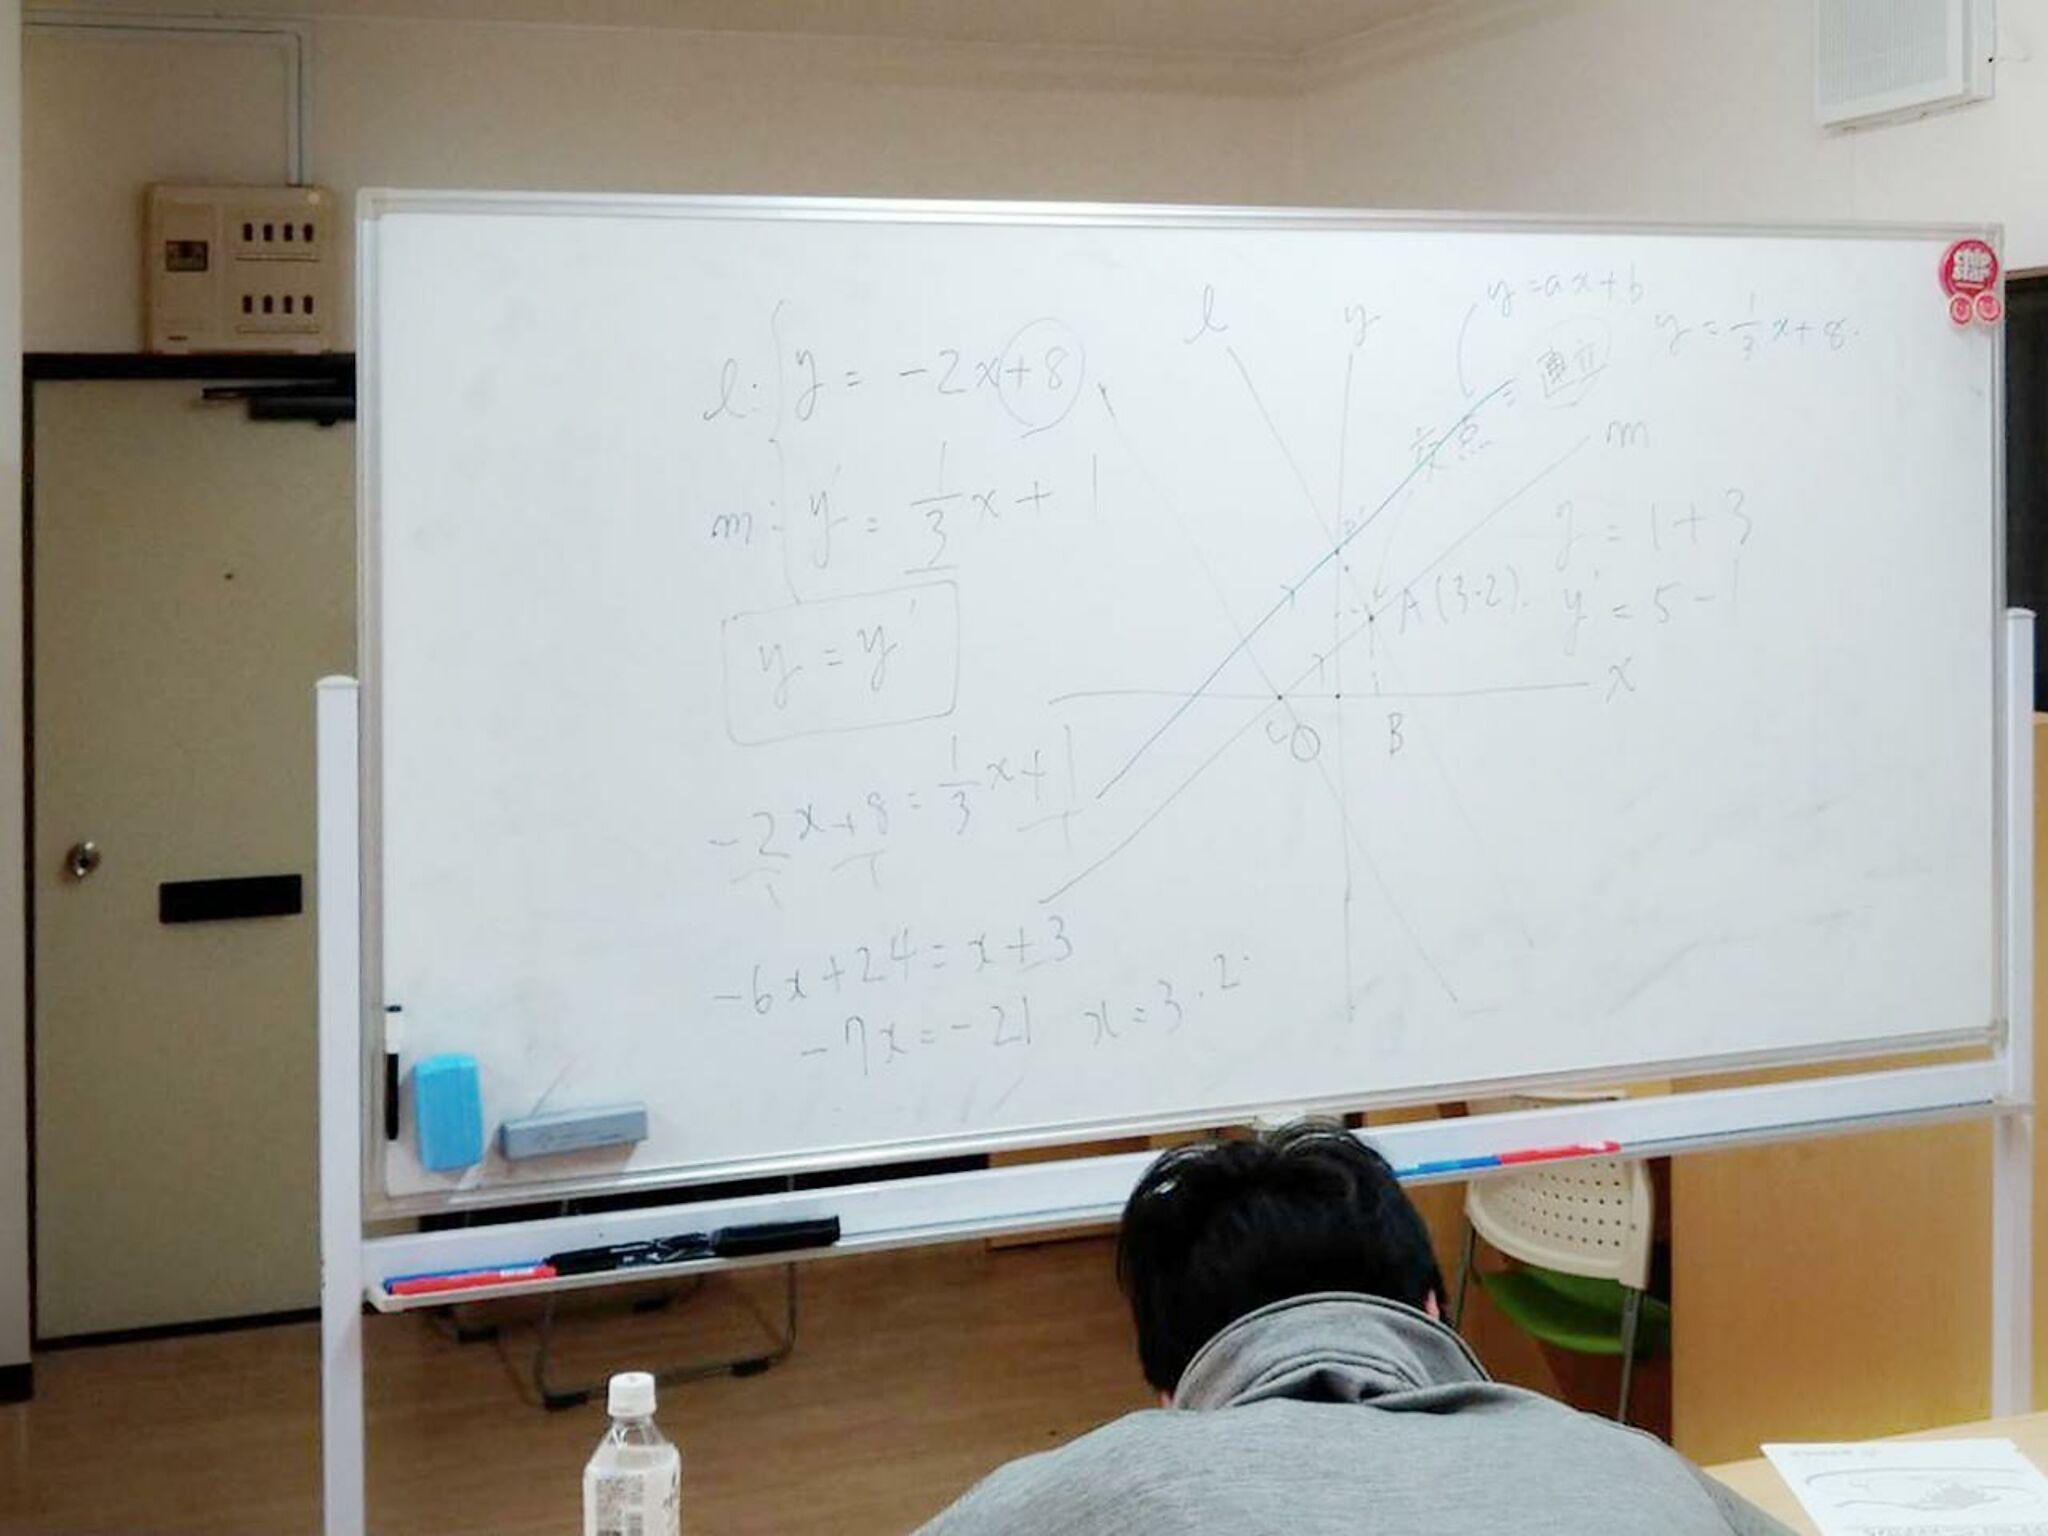 ホワイトボードを見て生徒が勉強している画像